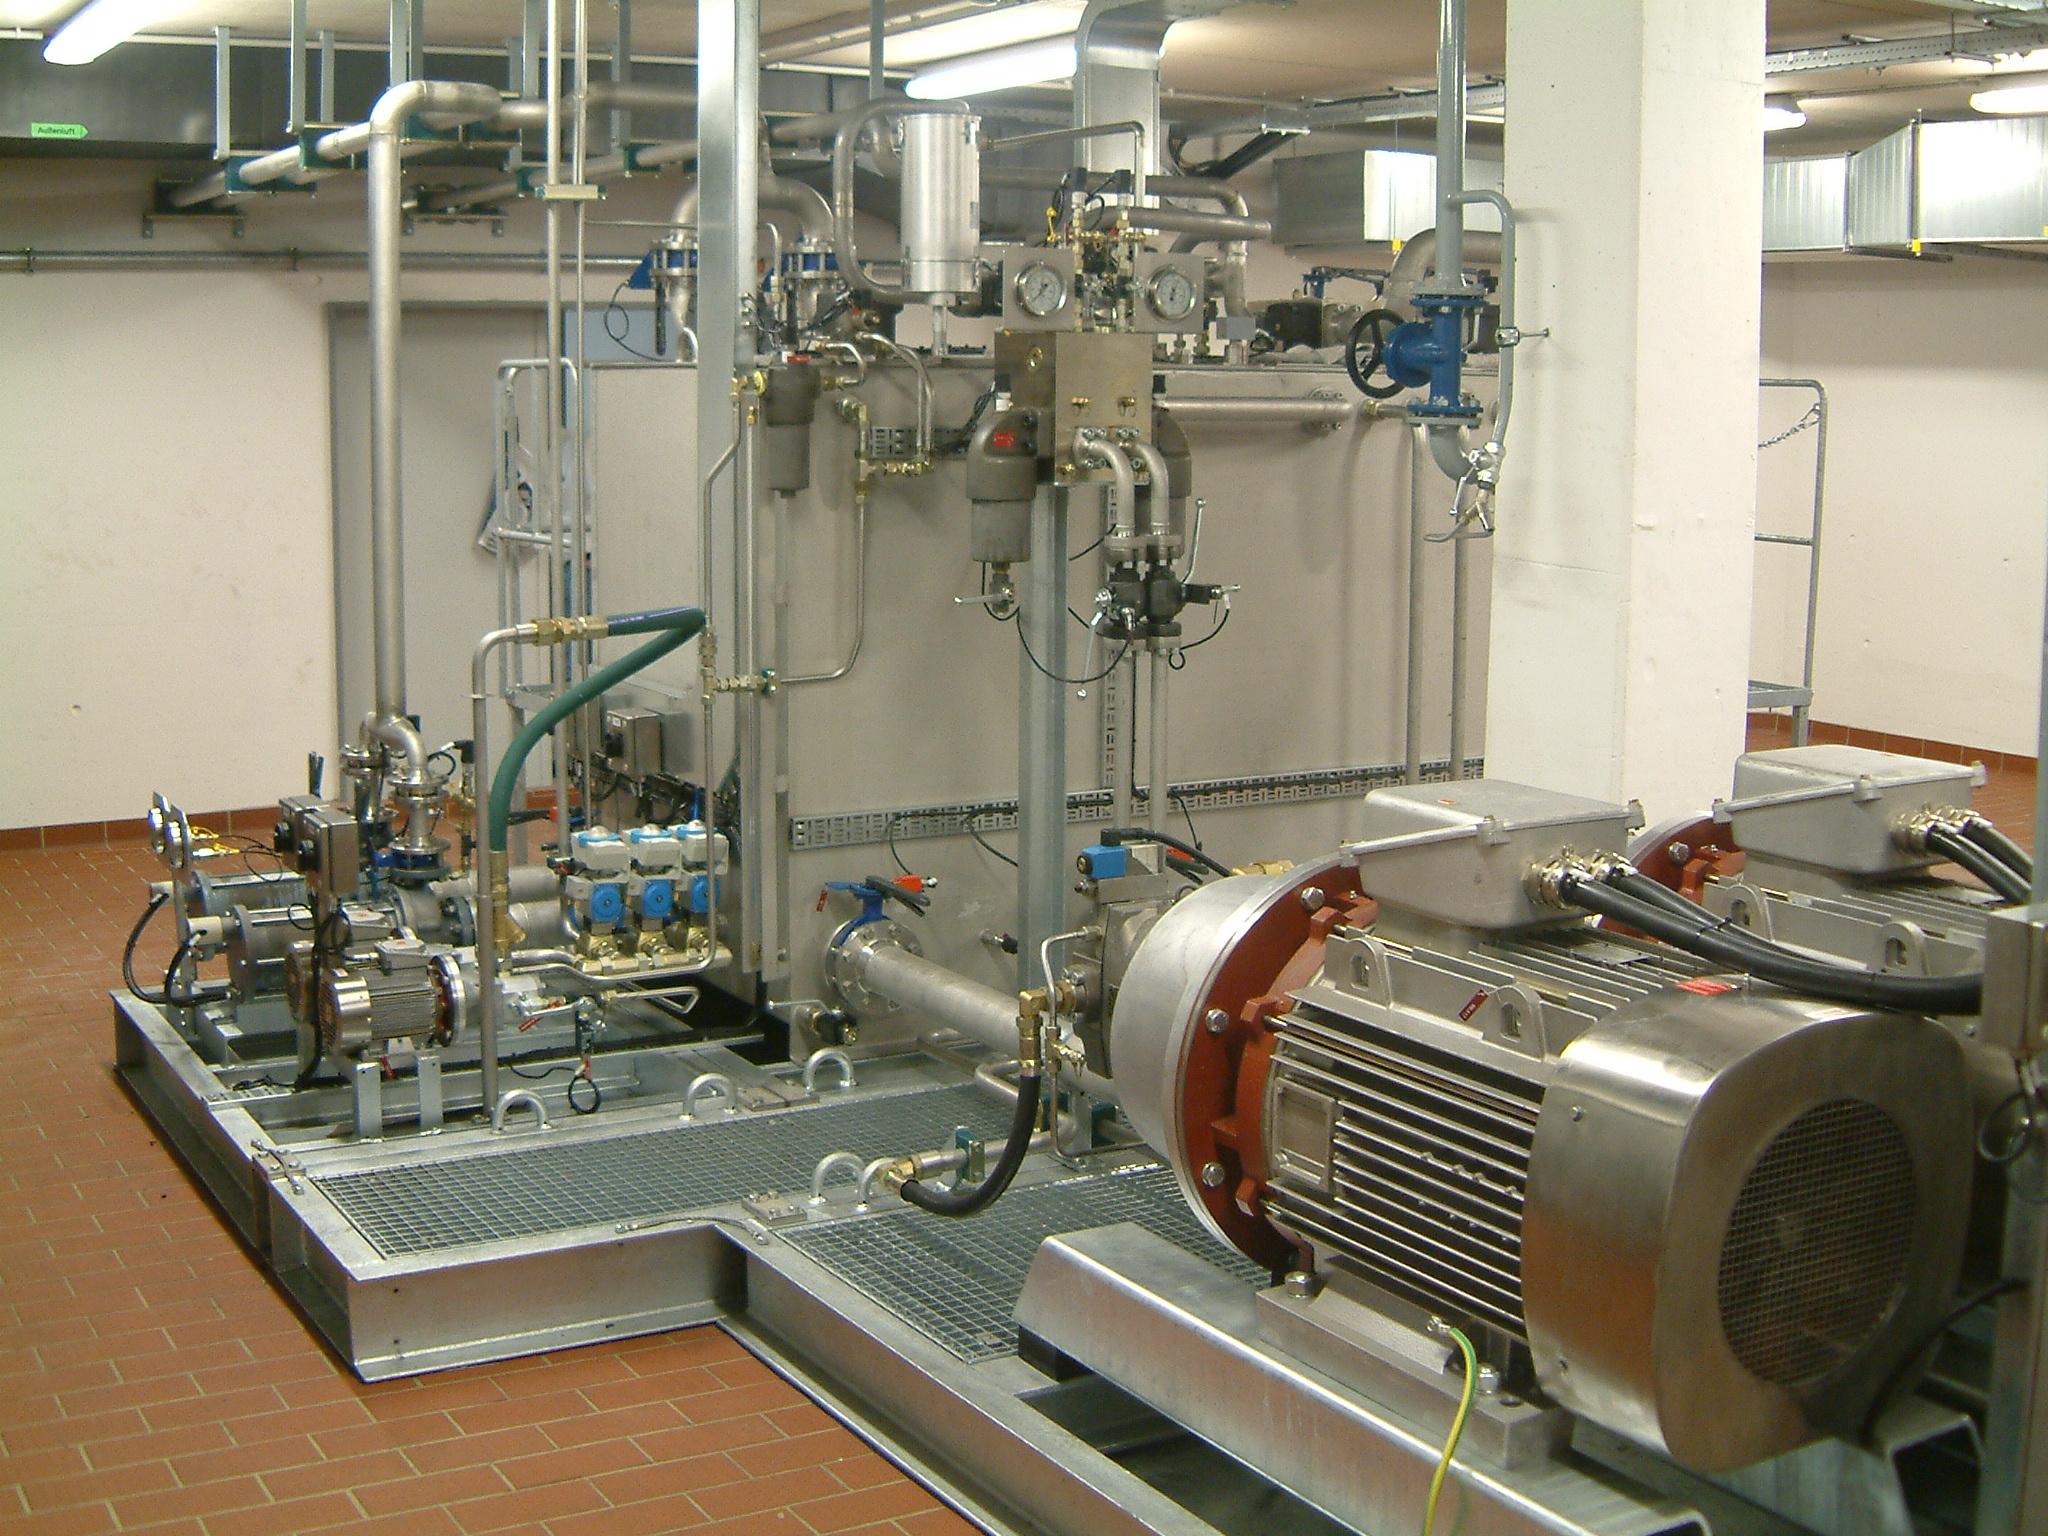 Hydraulic system for aircraft hangar